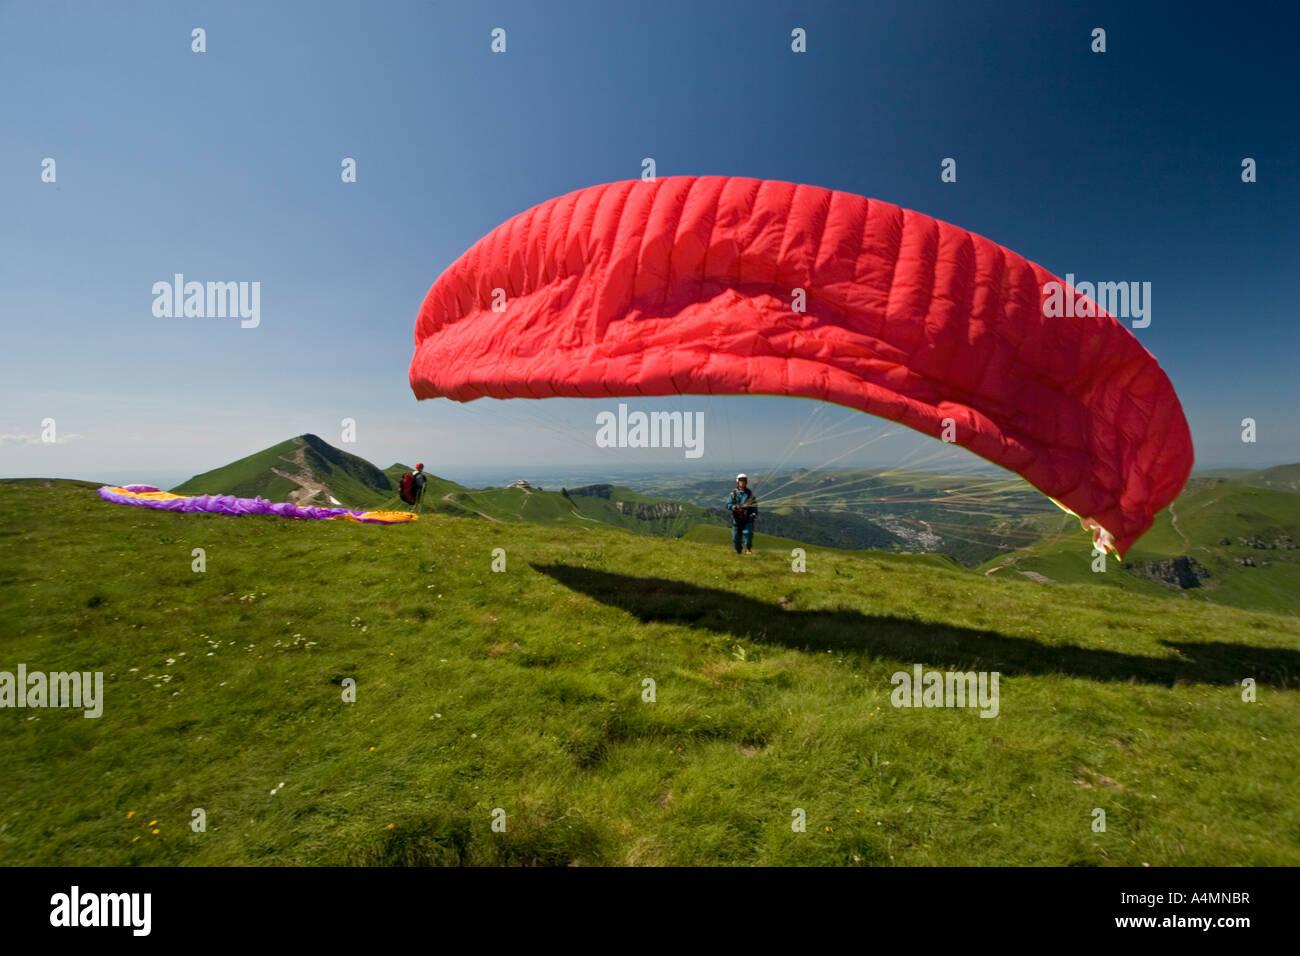 A paraglider ready to take off (Puy de Dôme - France). Parapentiste s'apprêtant à prendre son - Stock Image